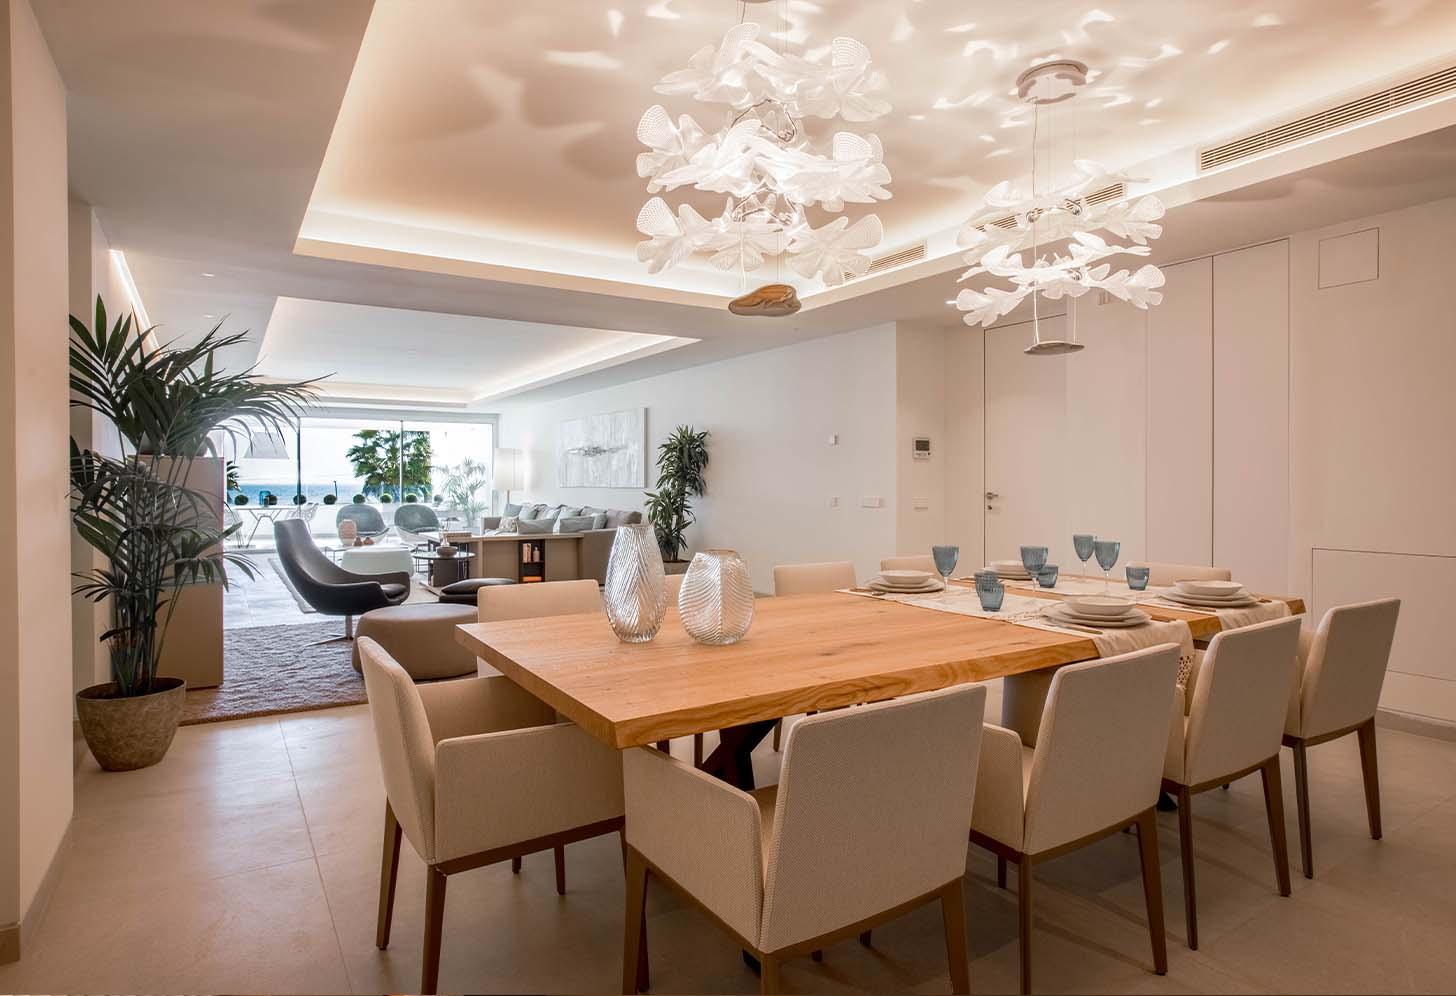 immobilier neuf espagne costa del sol on-e8 daria estepona salle a manger